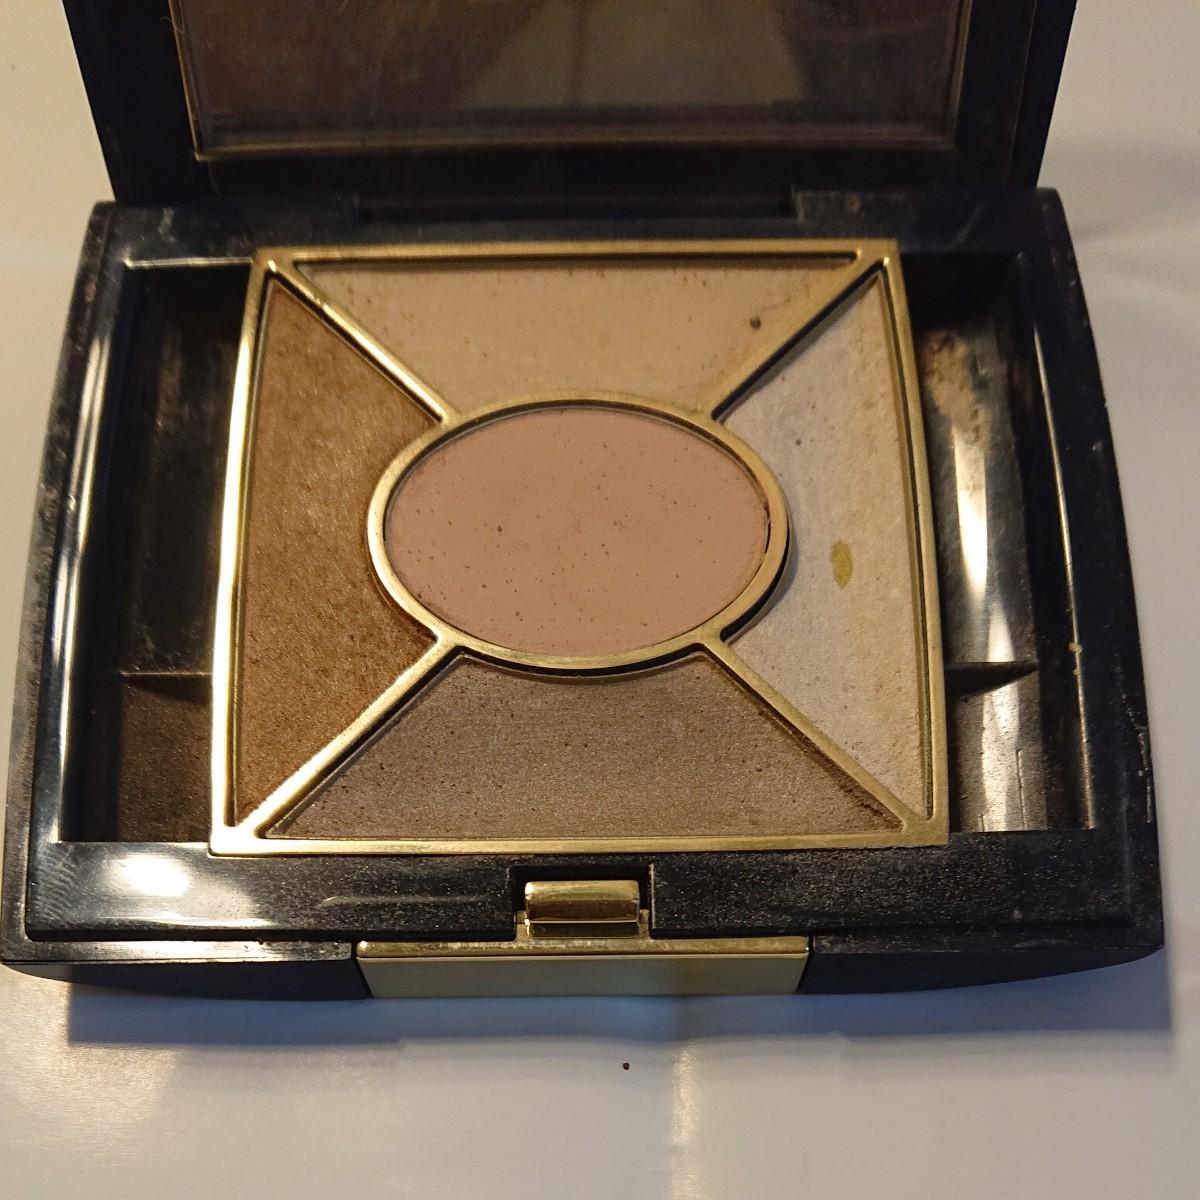 Dior アイシャドウ サンク クルール 030  サンククルール  Dior